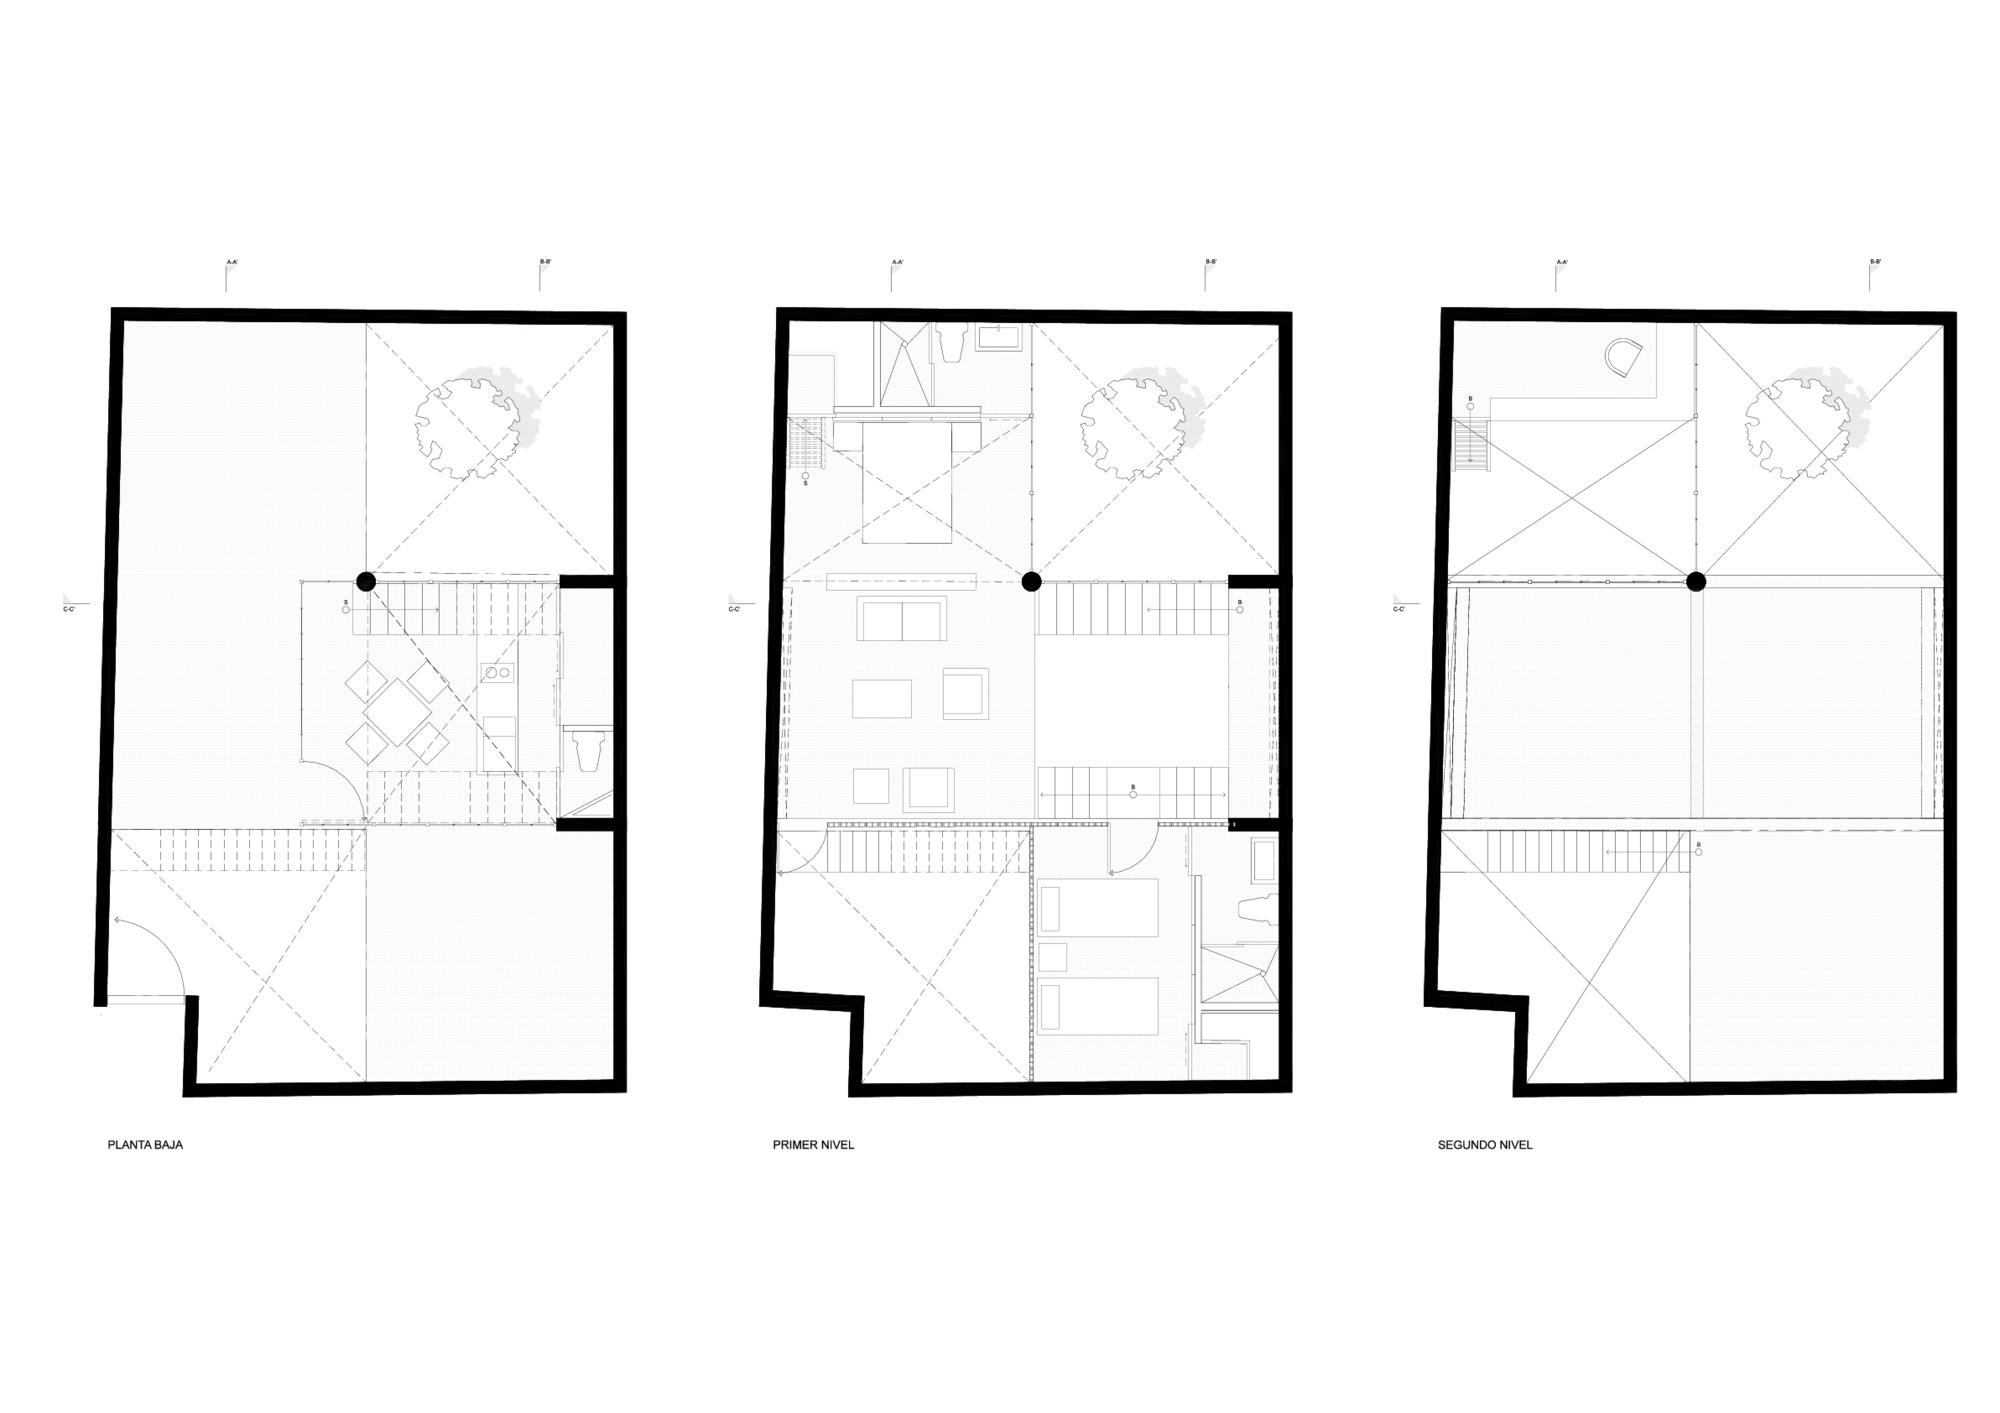 gallery of casa murray diseño espacial 18